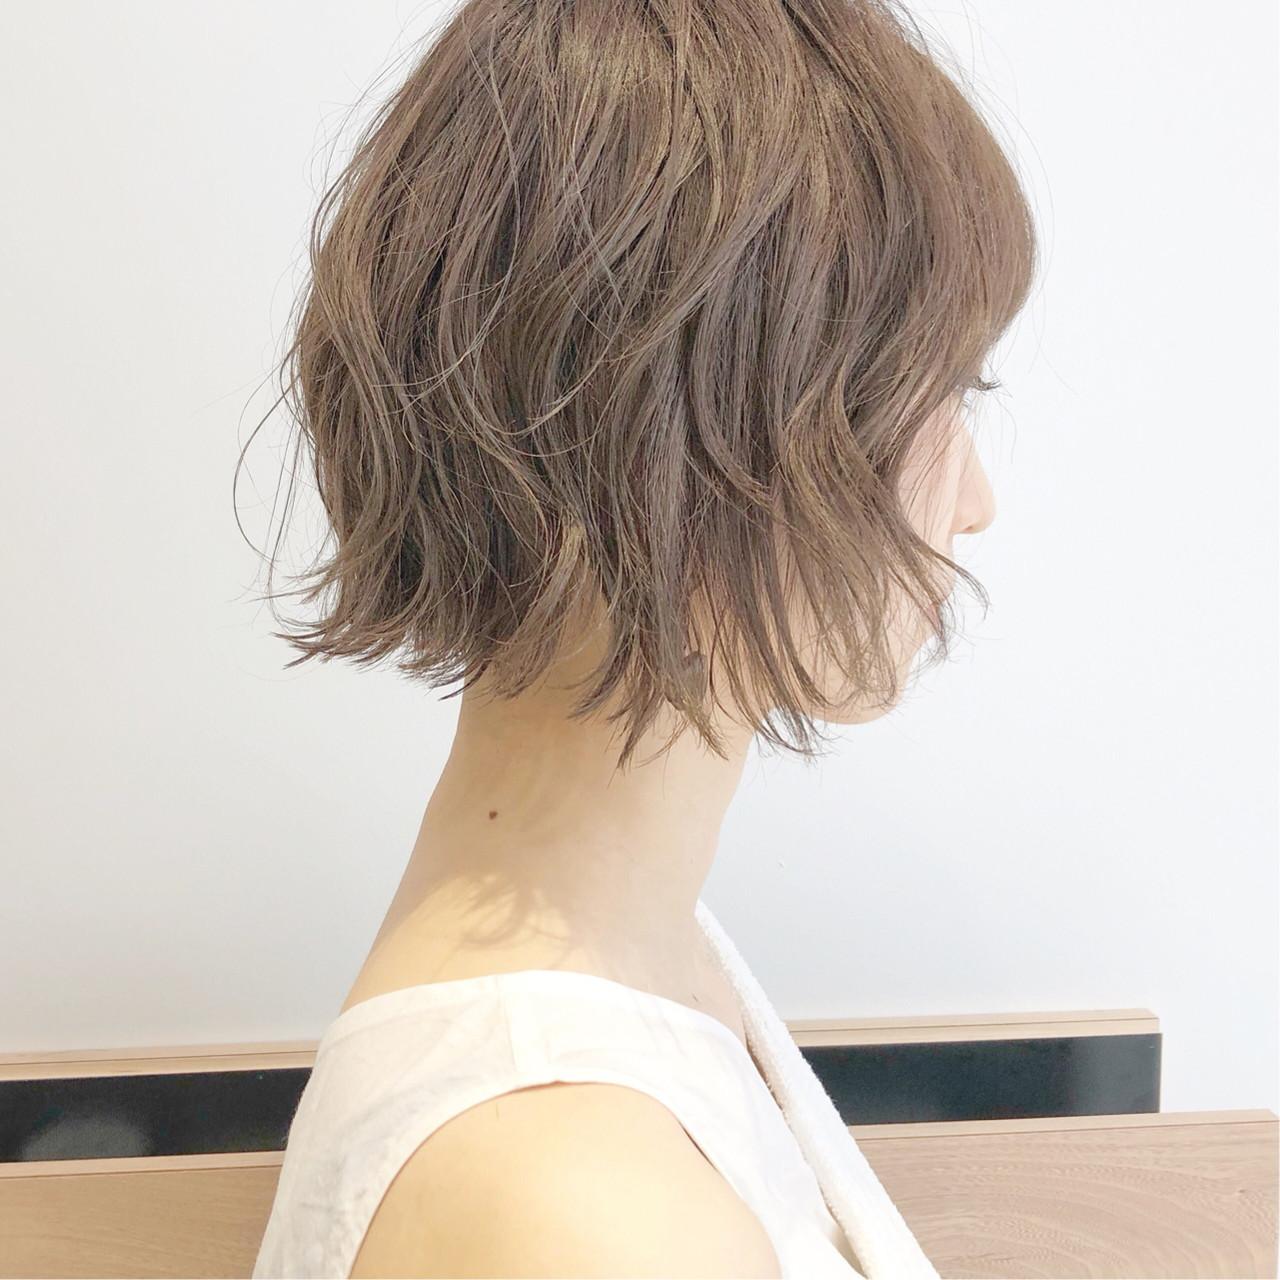 ショートヘア ナチュラル ボブ ショートボブ ヘアスタイルや髪型の写真・画像